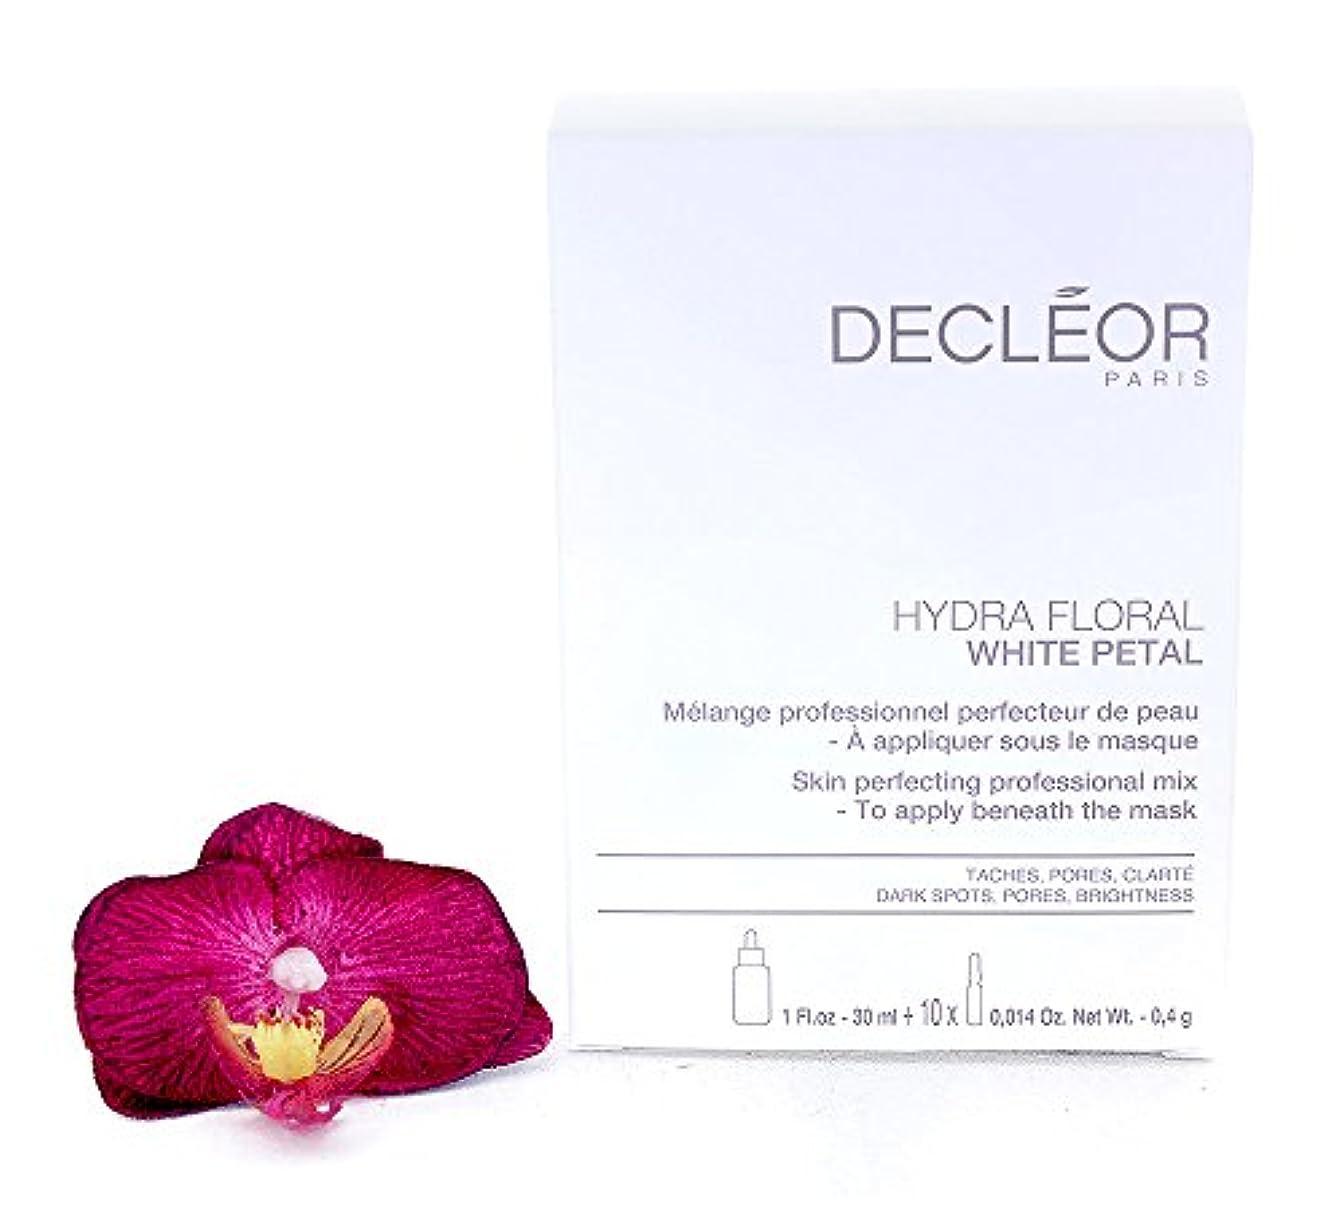 隣人韓国自治デクレオール Hydra Floral White Petal Skin Perfecting Professional Mix (1x Concentrate 30ml, 10x Powder 4g) - Salon...